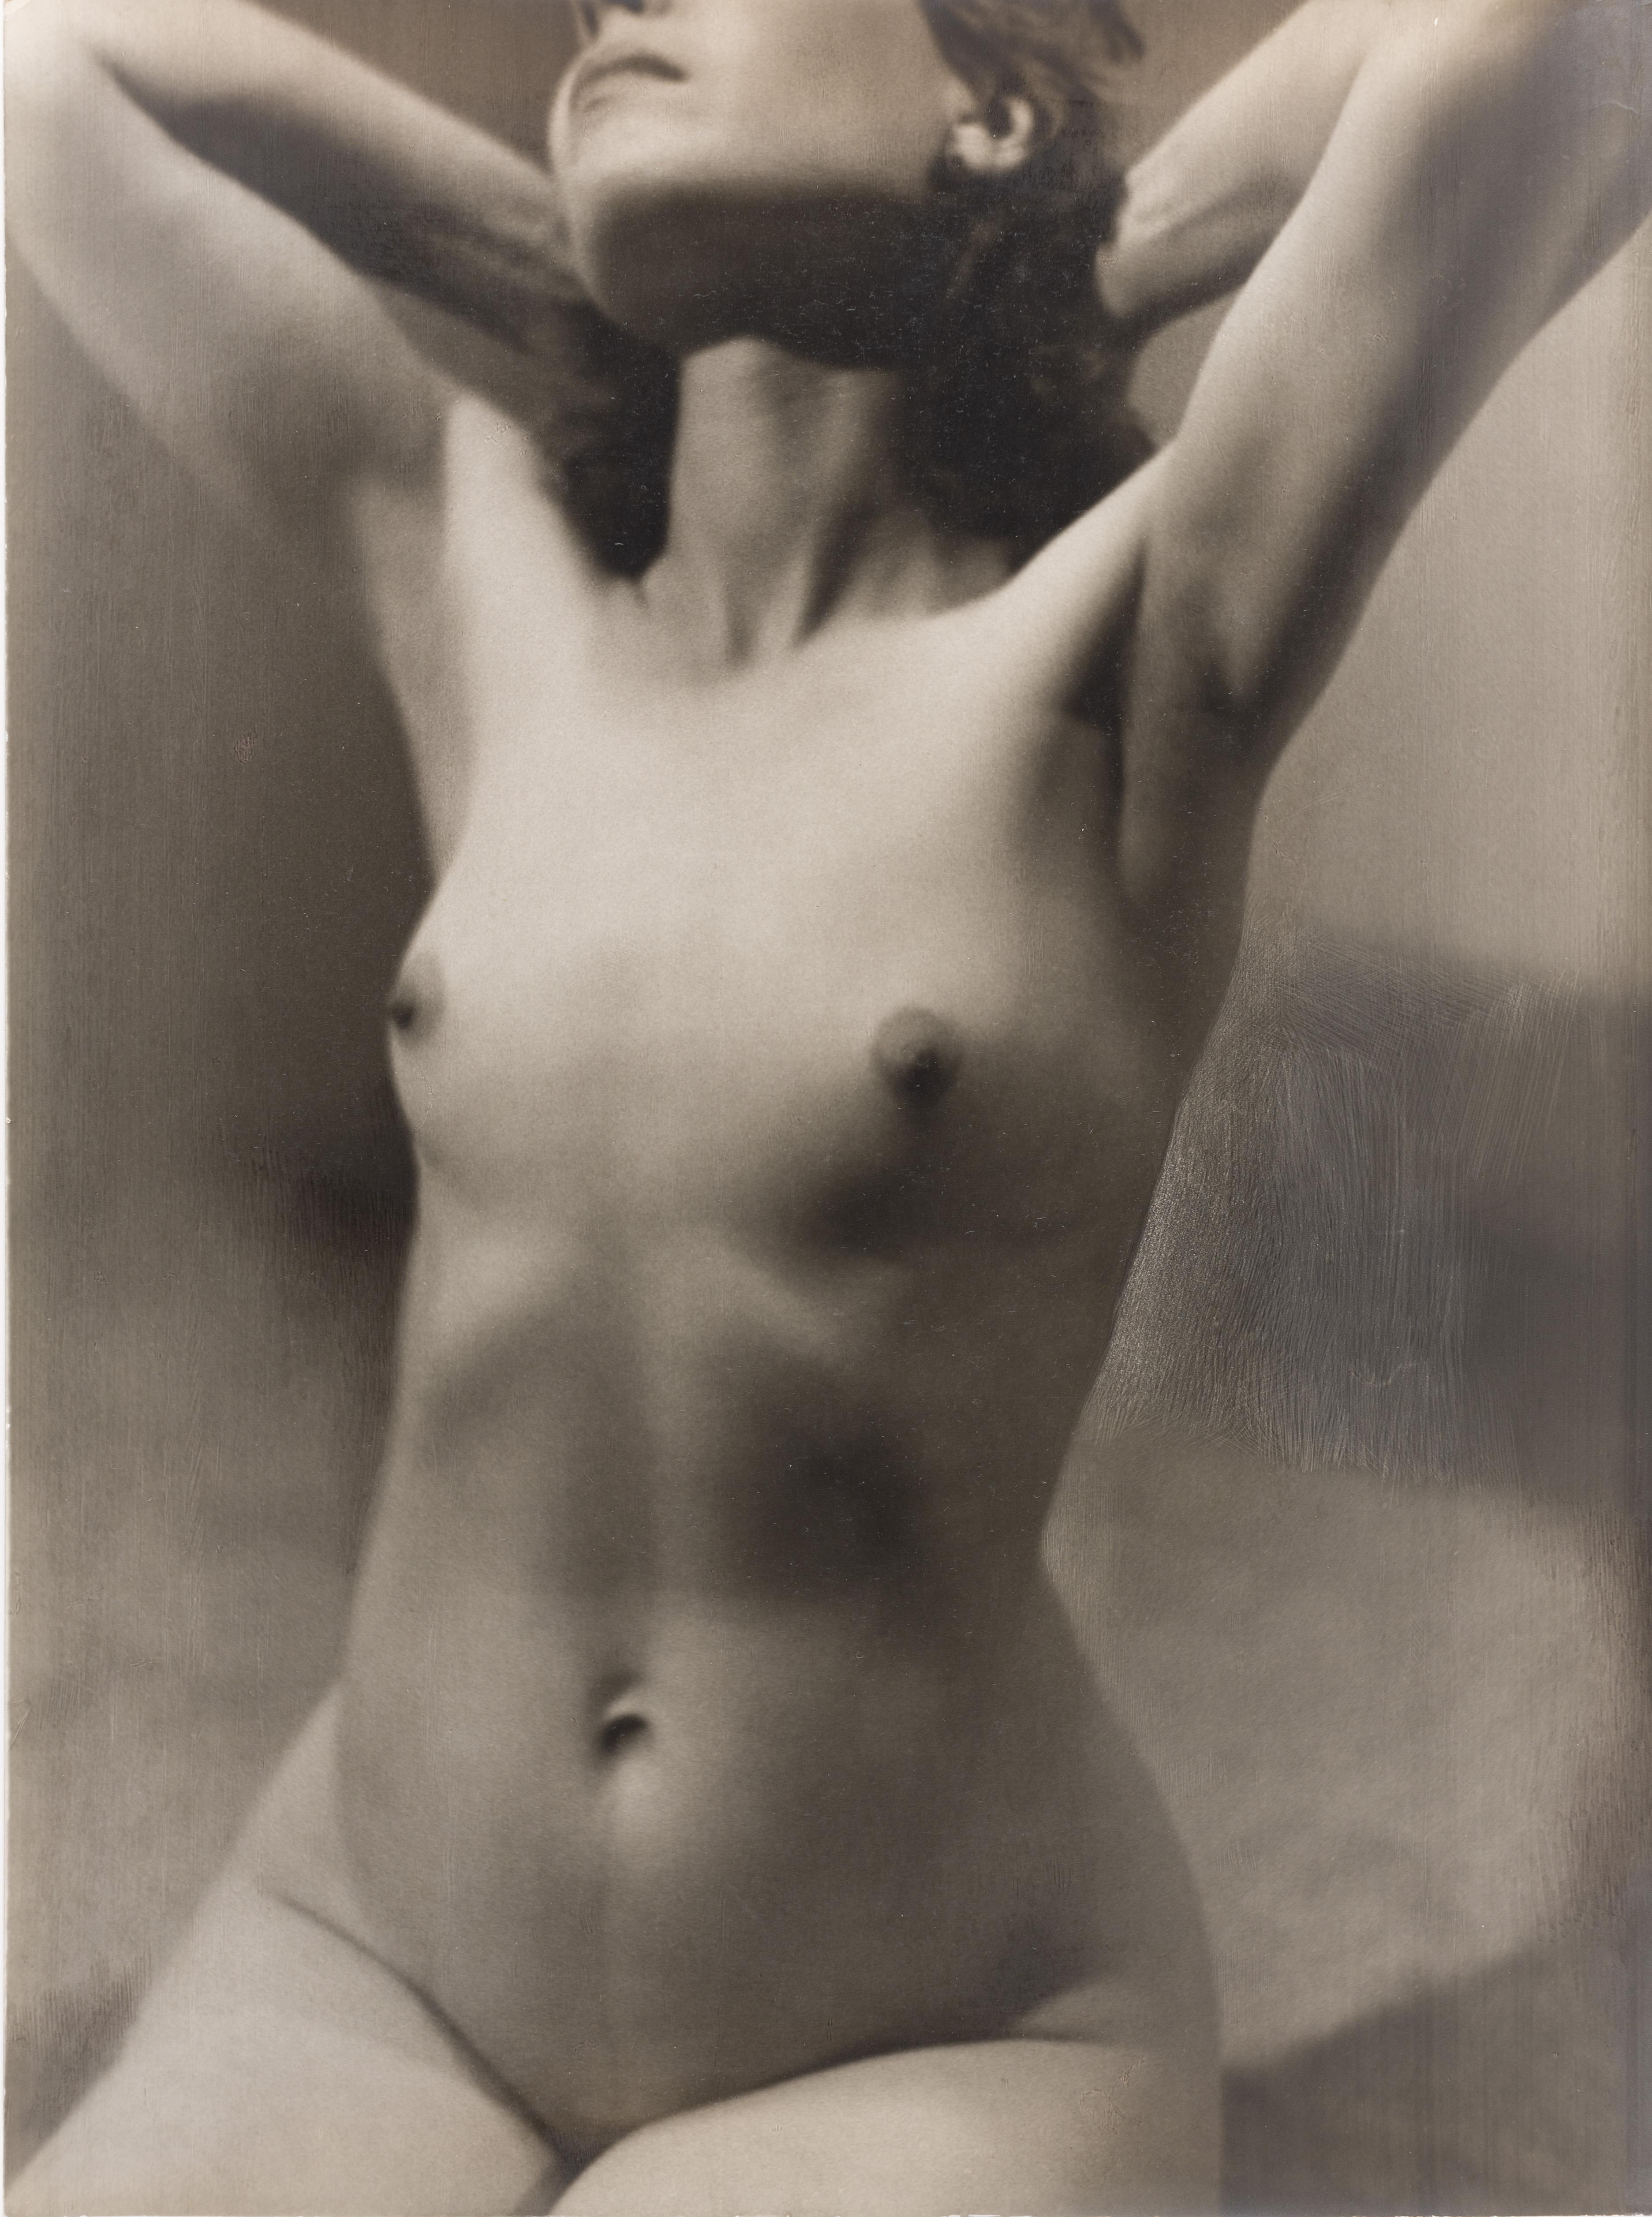 Otho Lloyd - Nu femení - Cap a 1946